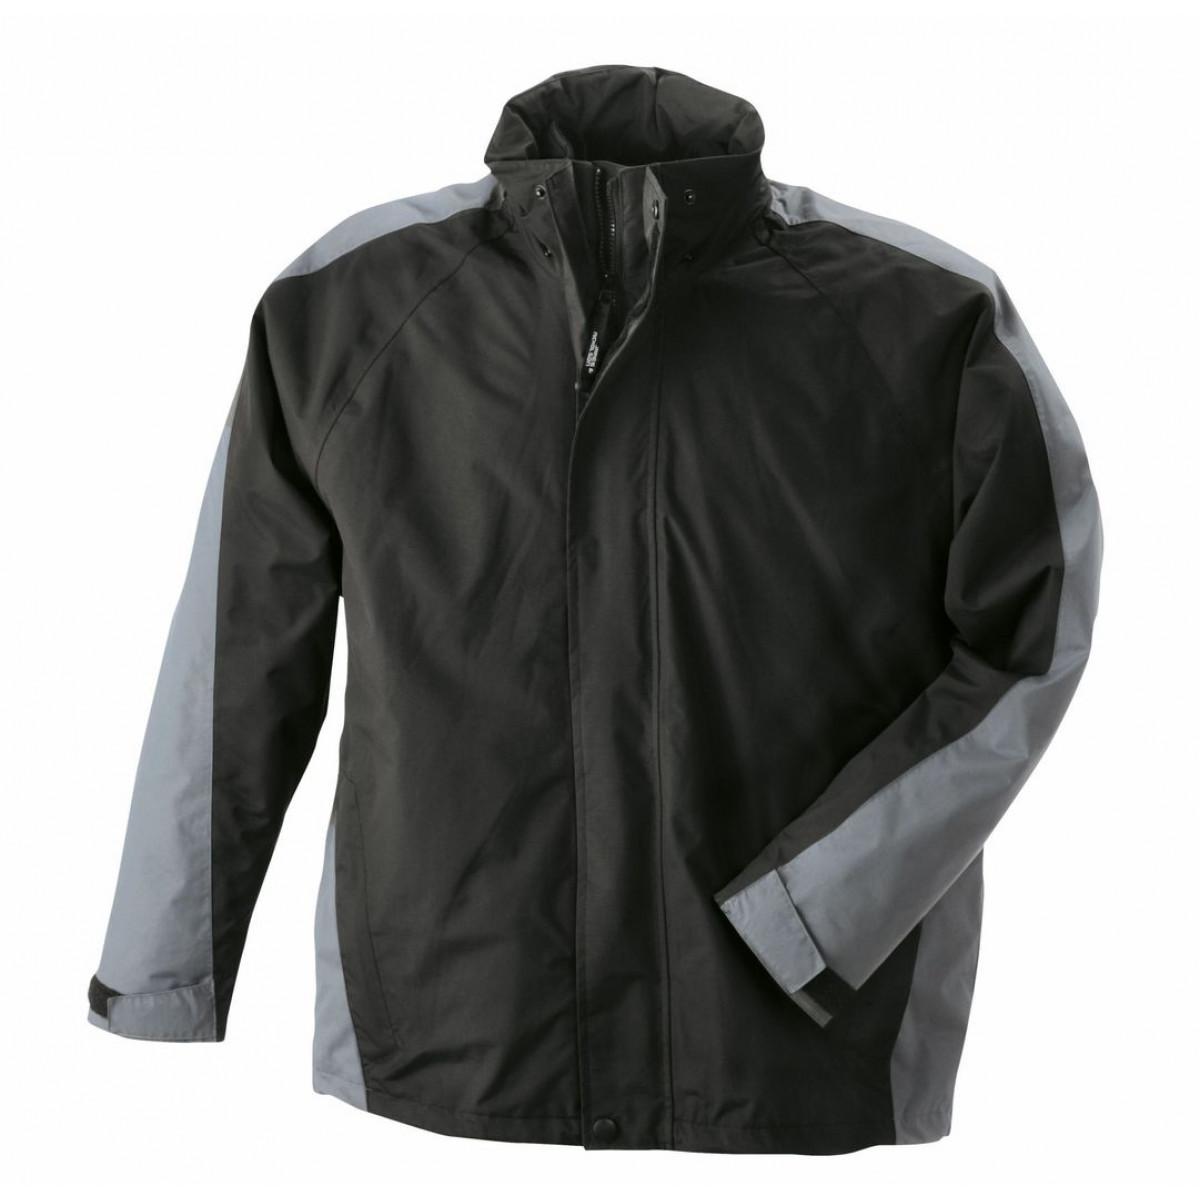 Куртка мужская JN170 Two-In-One Jacket - Черный/Темно-серый